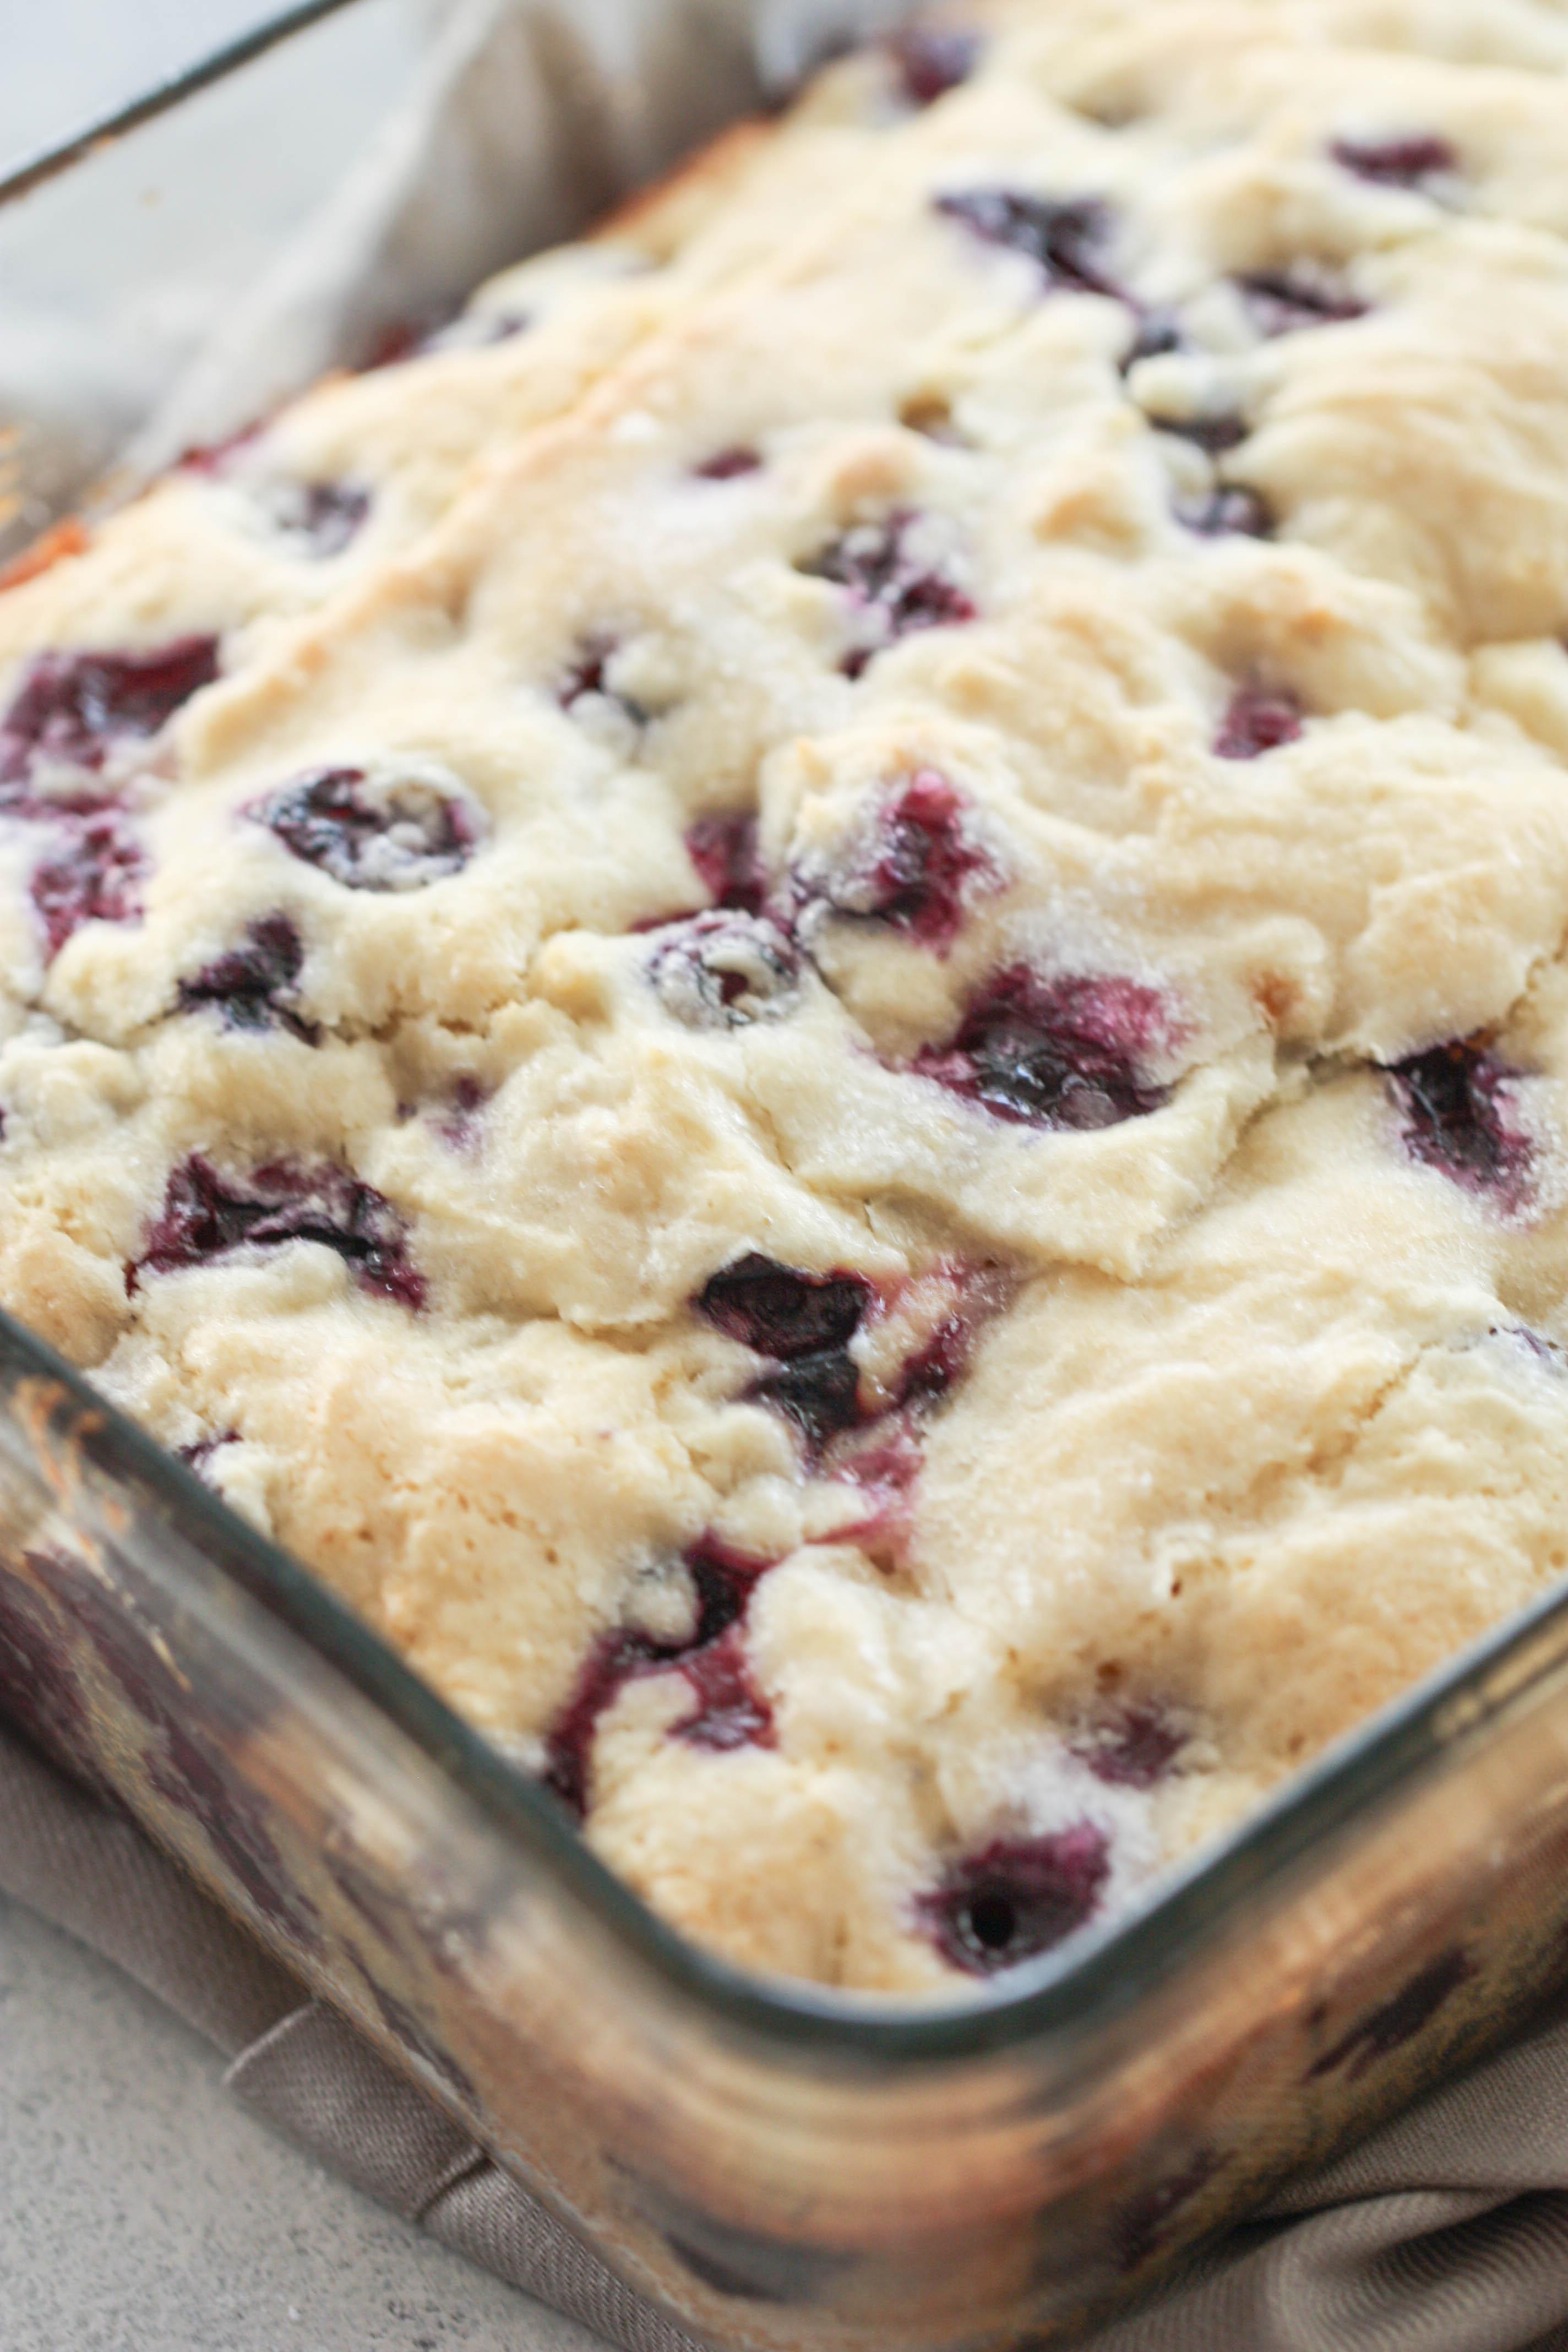 Lemon blueberry cake batter baked